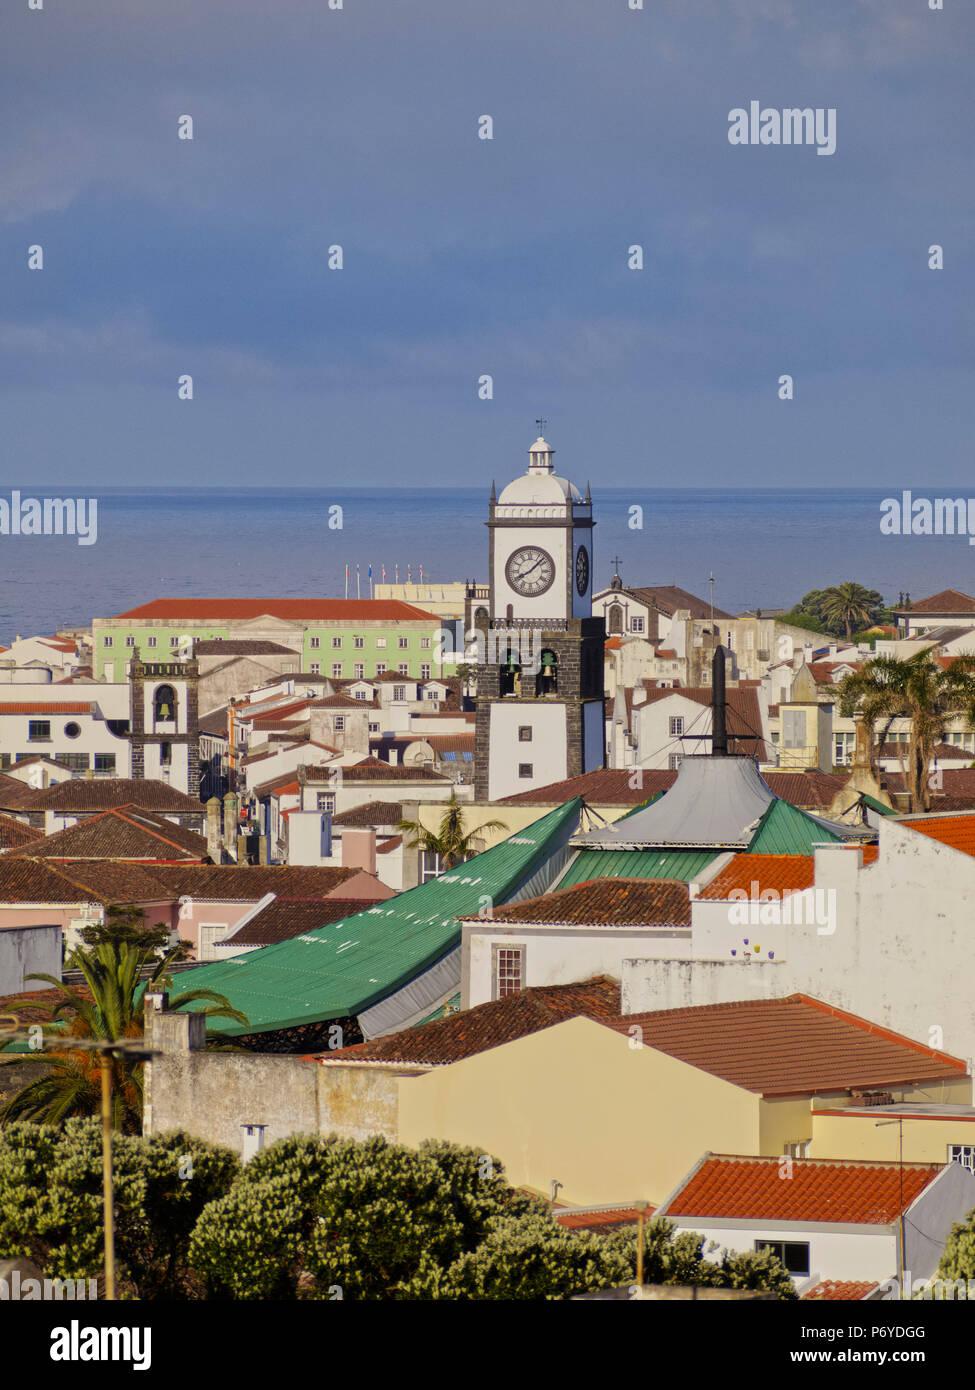 Le Portugal, Azores, Sao Miguel, Ponta Delgada, augmentation de la vue sur la vieille ville. Photo Stock